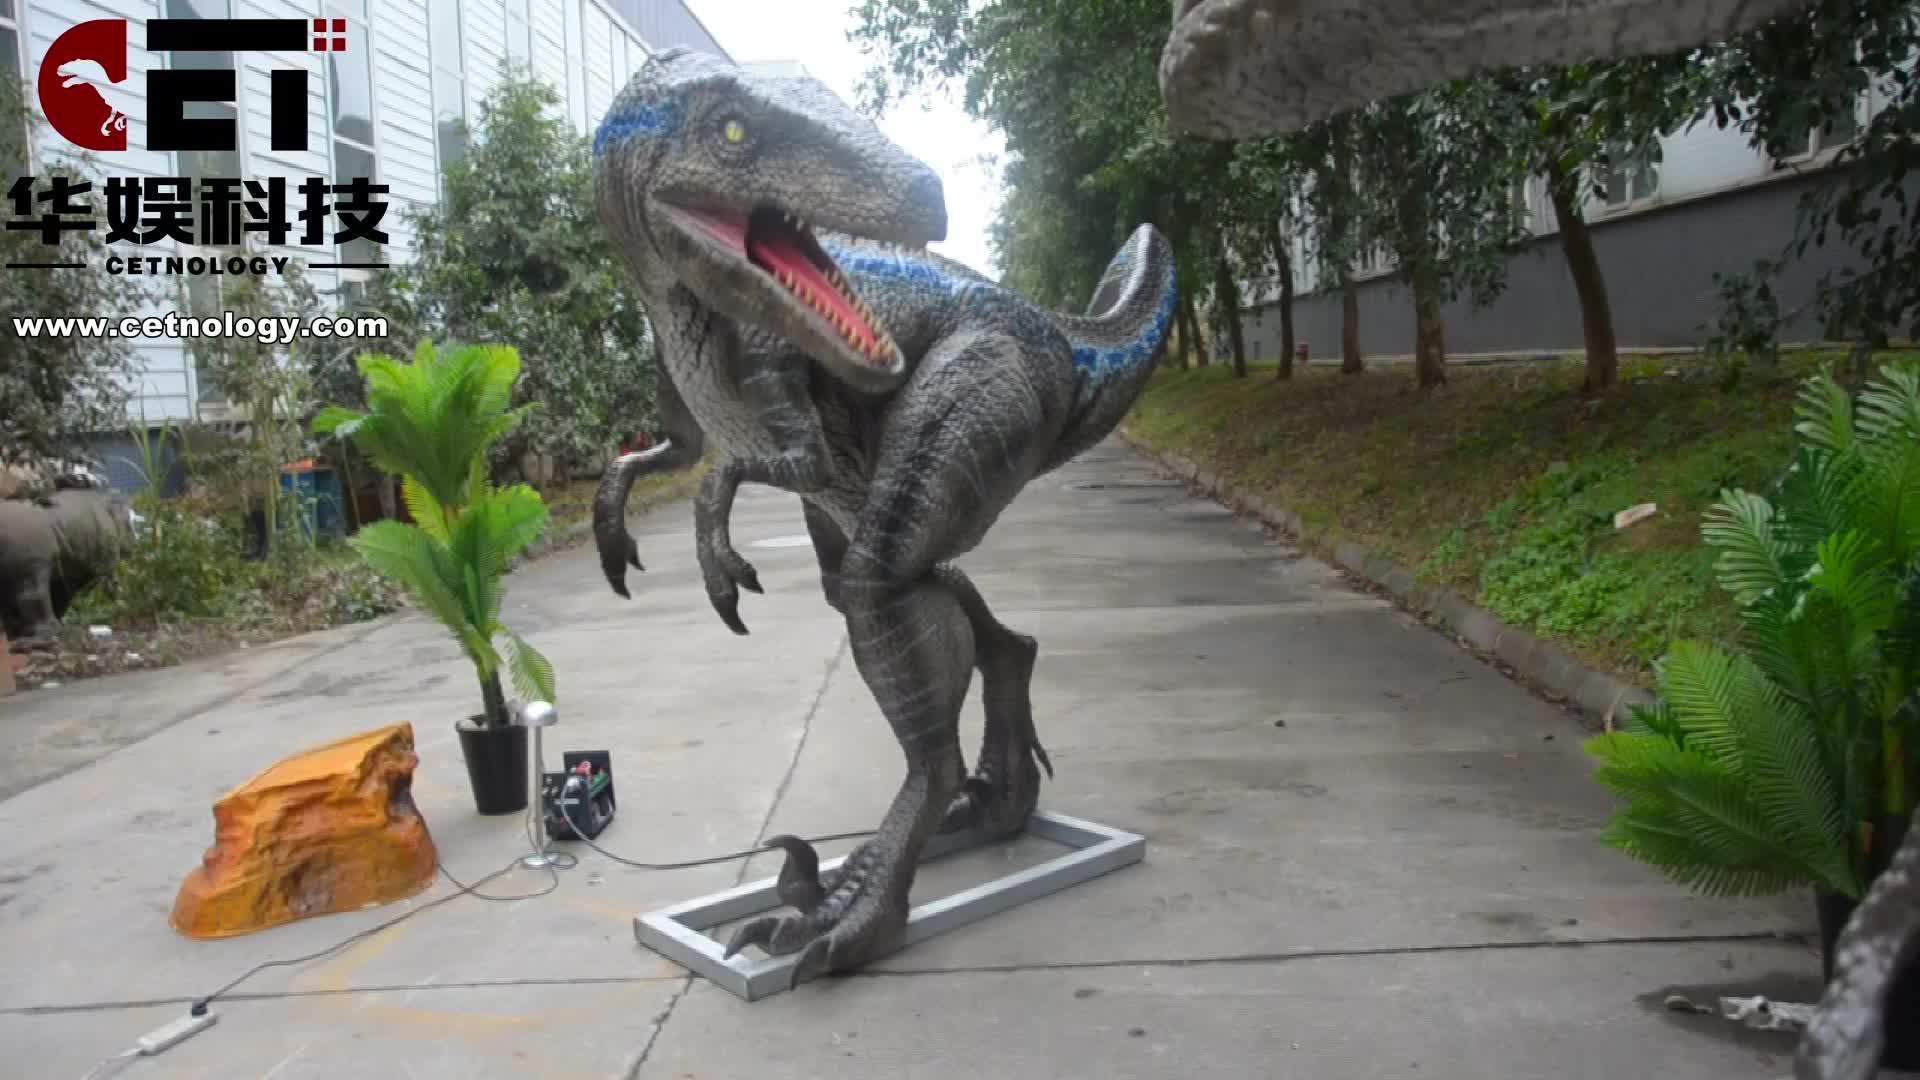 Cetnology-Vui Chơi Giải Trí Thực Tế Khủng Long Cử Động Được Velociraptor Cao Su Cuộc Sống-Kích Thước Nhân Tạo Khủng Long